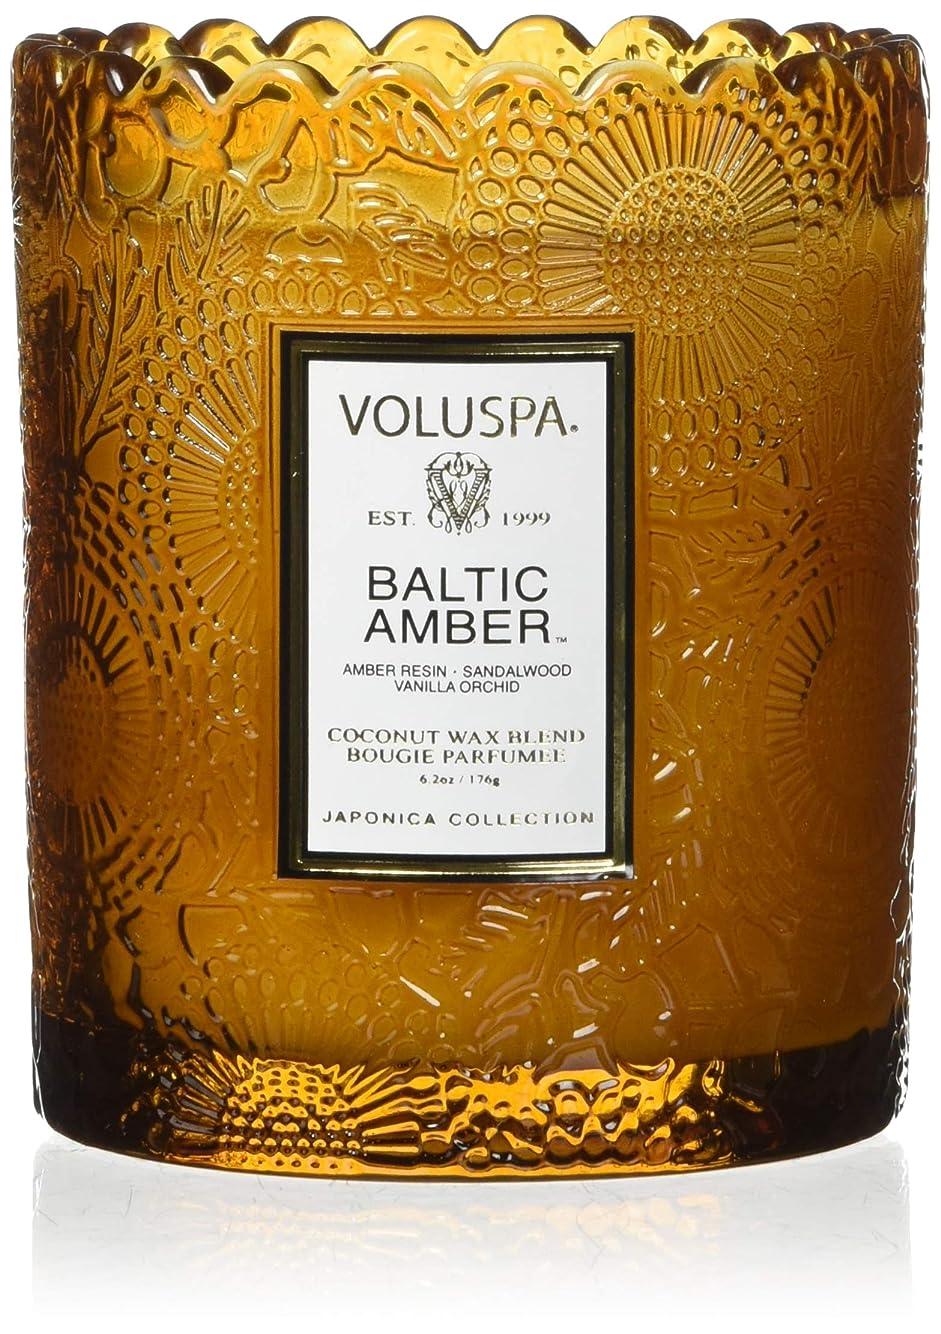 明るい登録するアーサーコナンドイルVoluspa ボルスパ ジャポニカ リミテッド スカラップグラスキャンドル  バルティックアンバー BALTIC AMBER JAPONICA Limited SCALLOPED EDGE Glass Candle